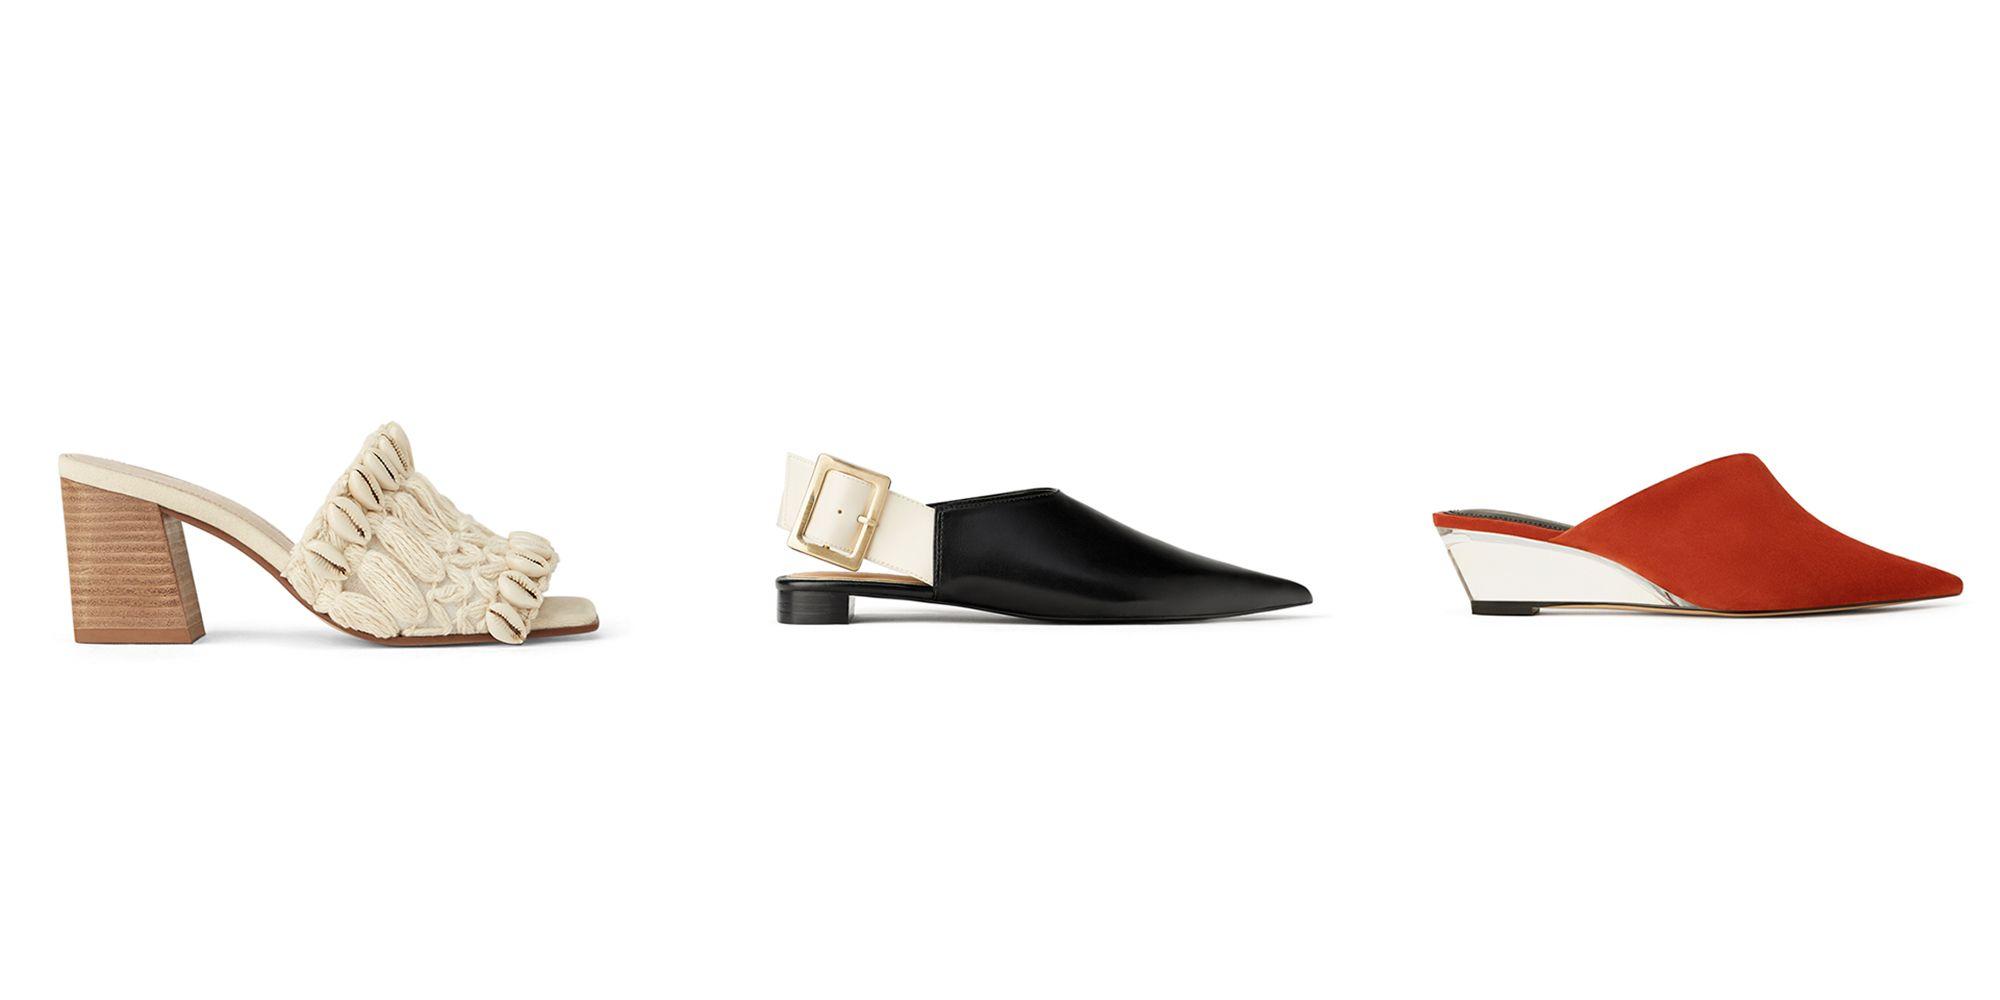 rebajas zara 2017 complementos calzado – Rebajas 2020